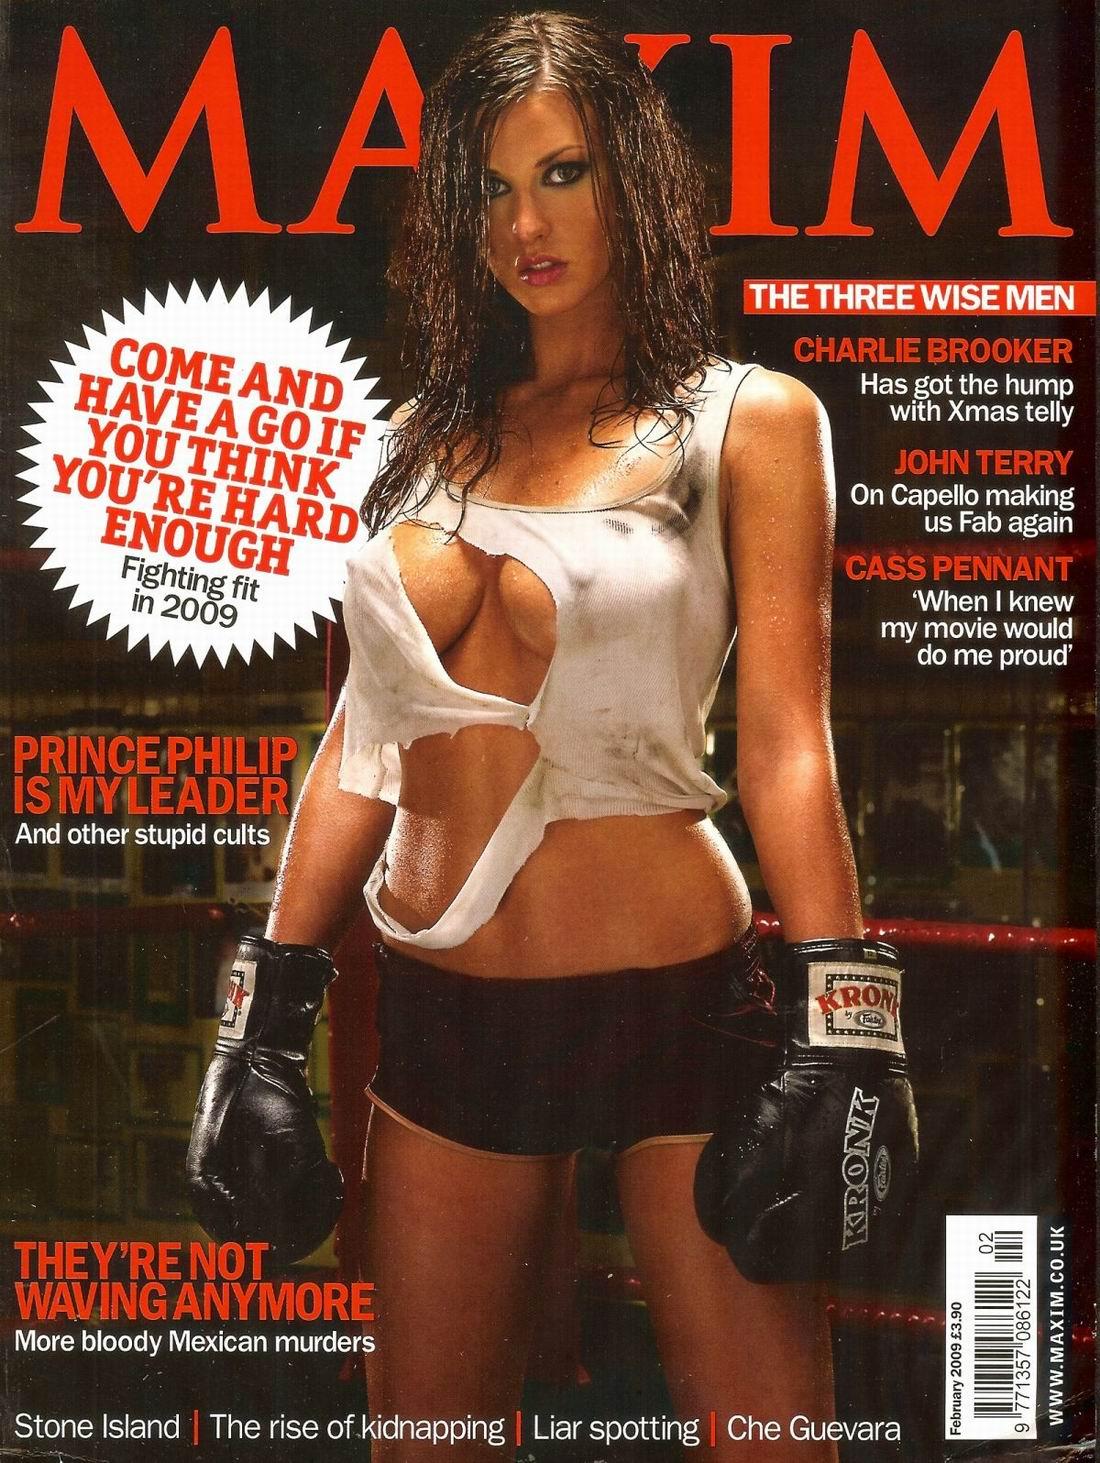 Элис Гудвин (Alice Goodwin) и Бьянка Найт (Bianca Knight) голые, фото в журнале Maxim, февраль 2009